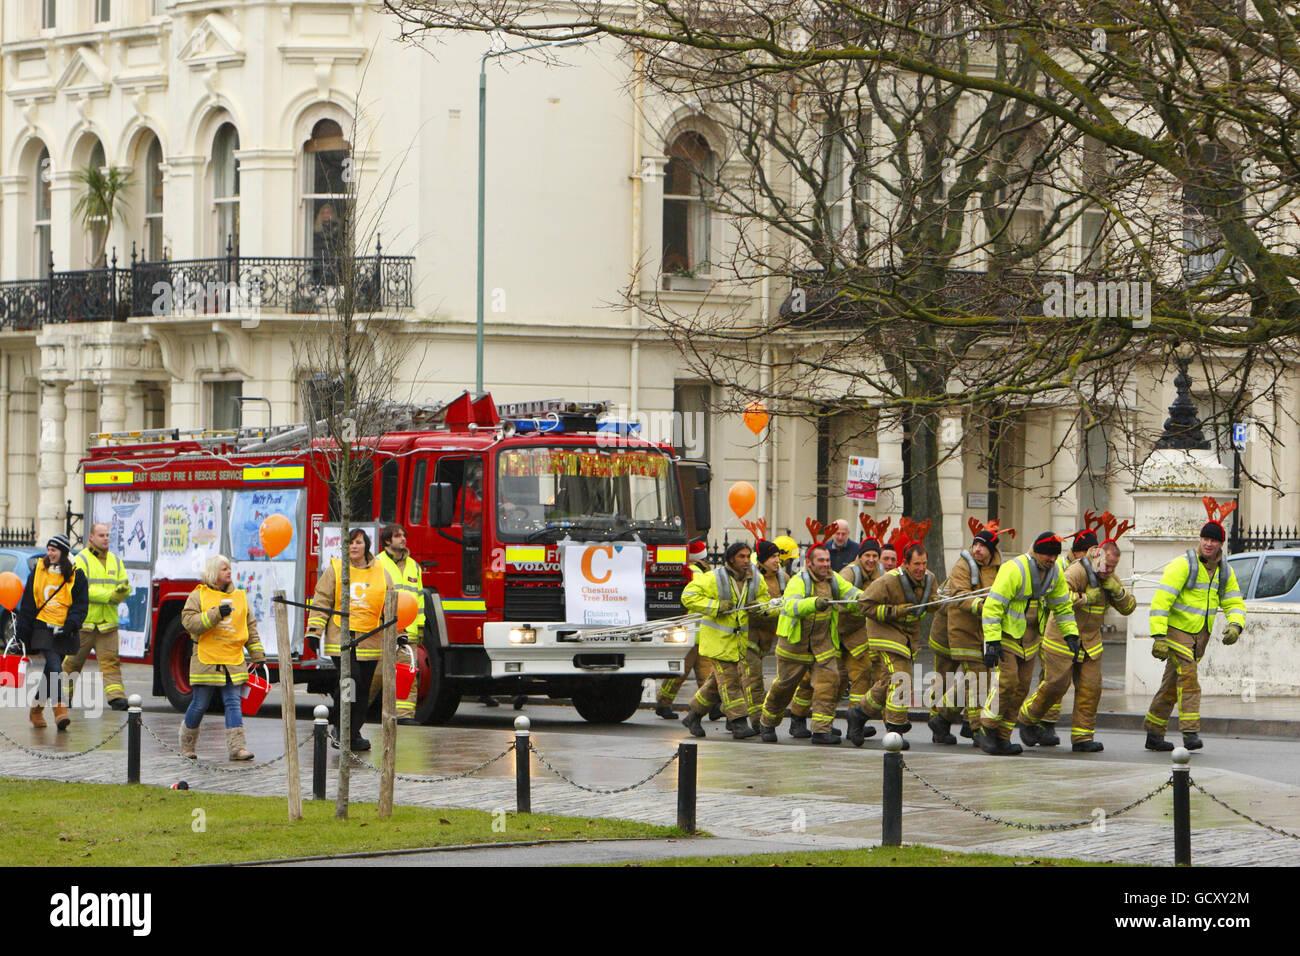 Feuerwehrleute Charity haul Stockfoto